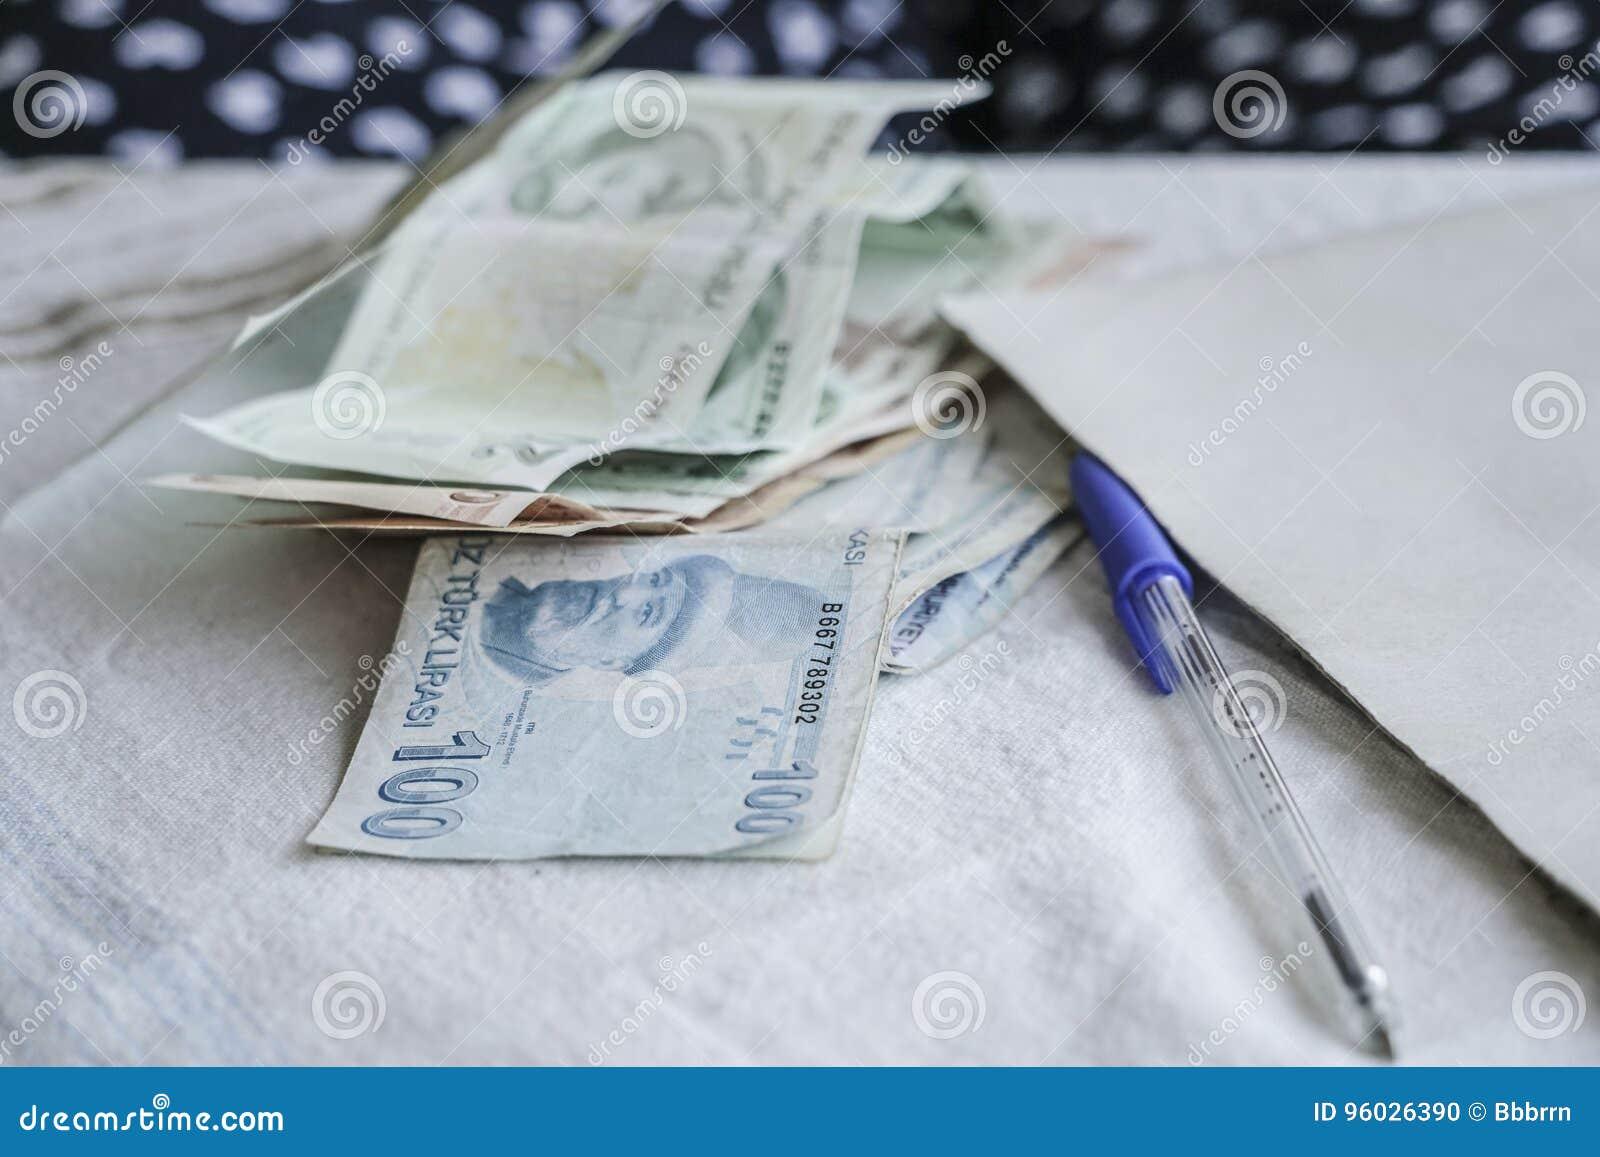 Tureckiego lira banknoty